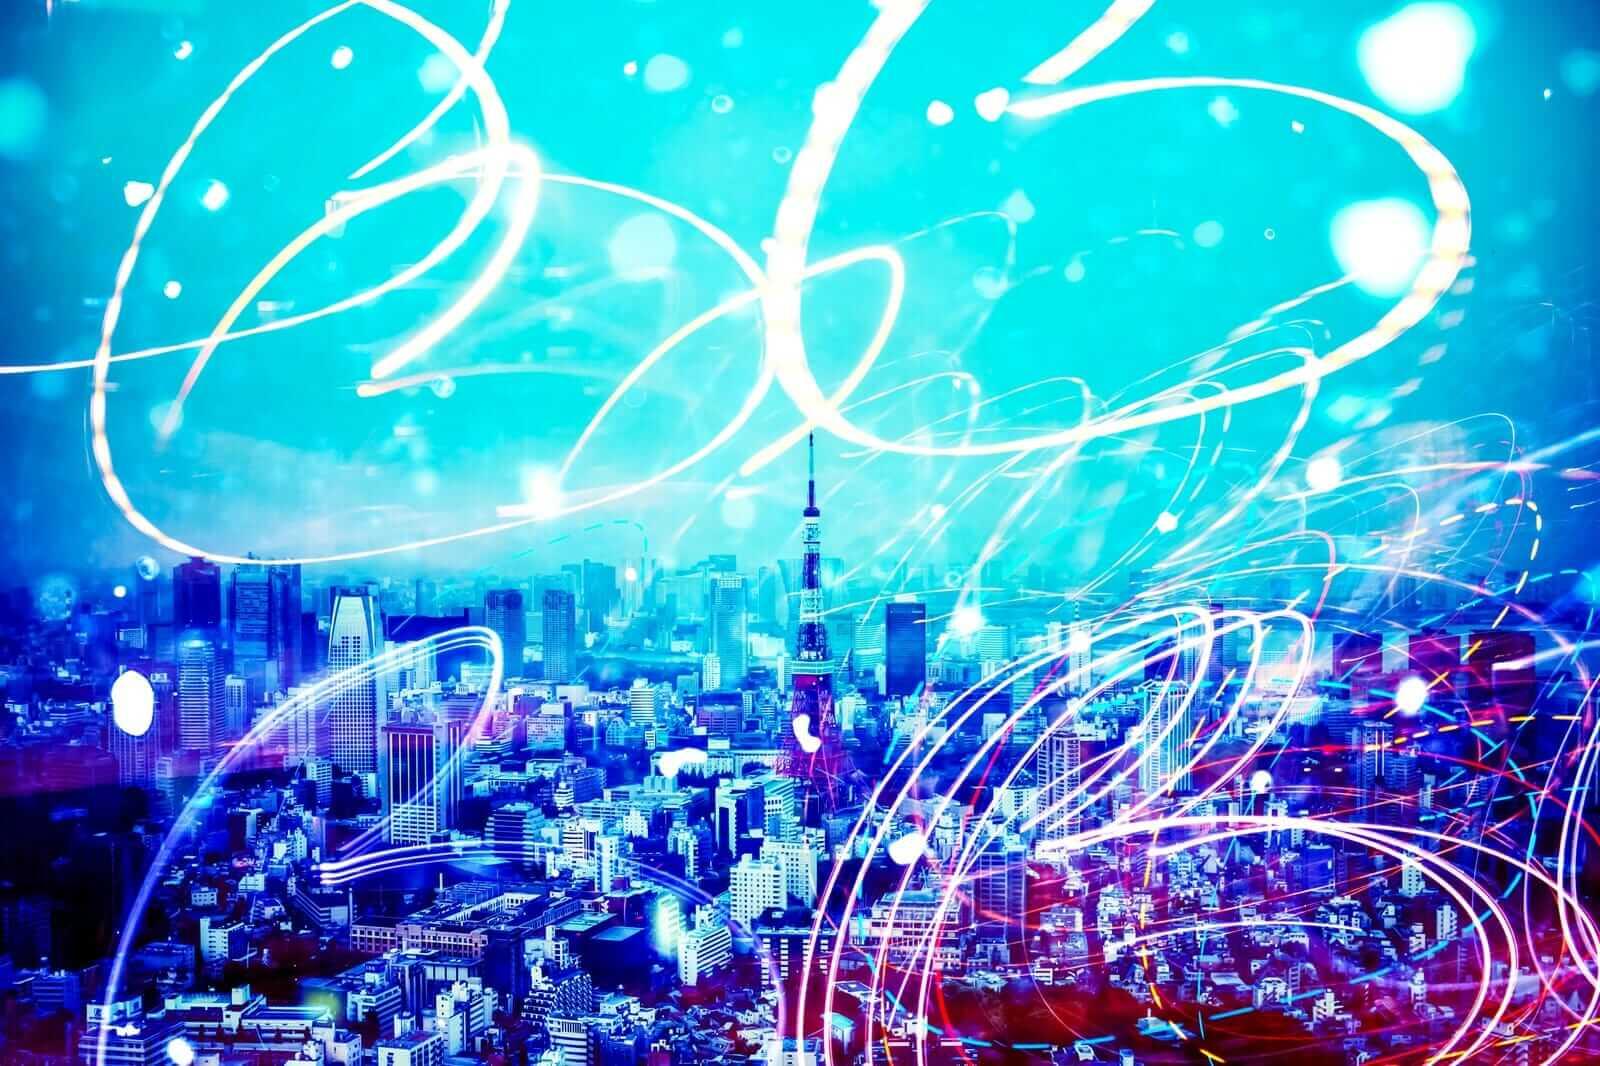 潜在意識、阿頼耶識の未来都市で、復縁、恋愛の願いは叶っています。